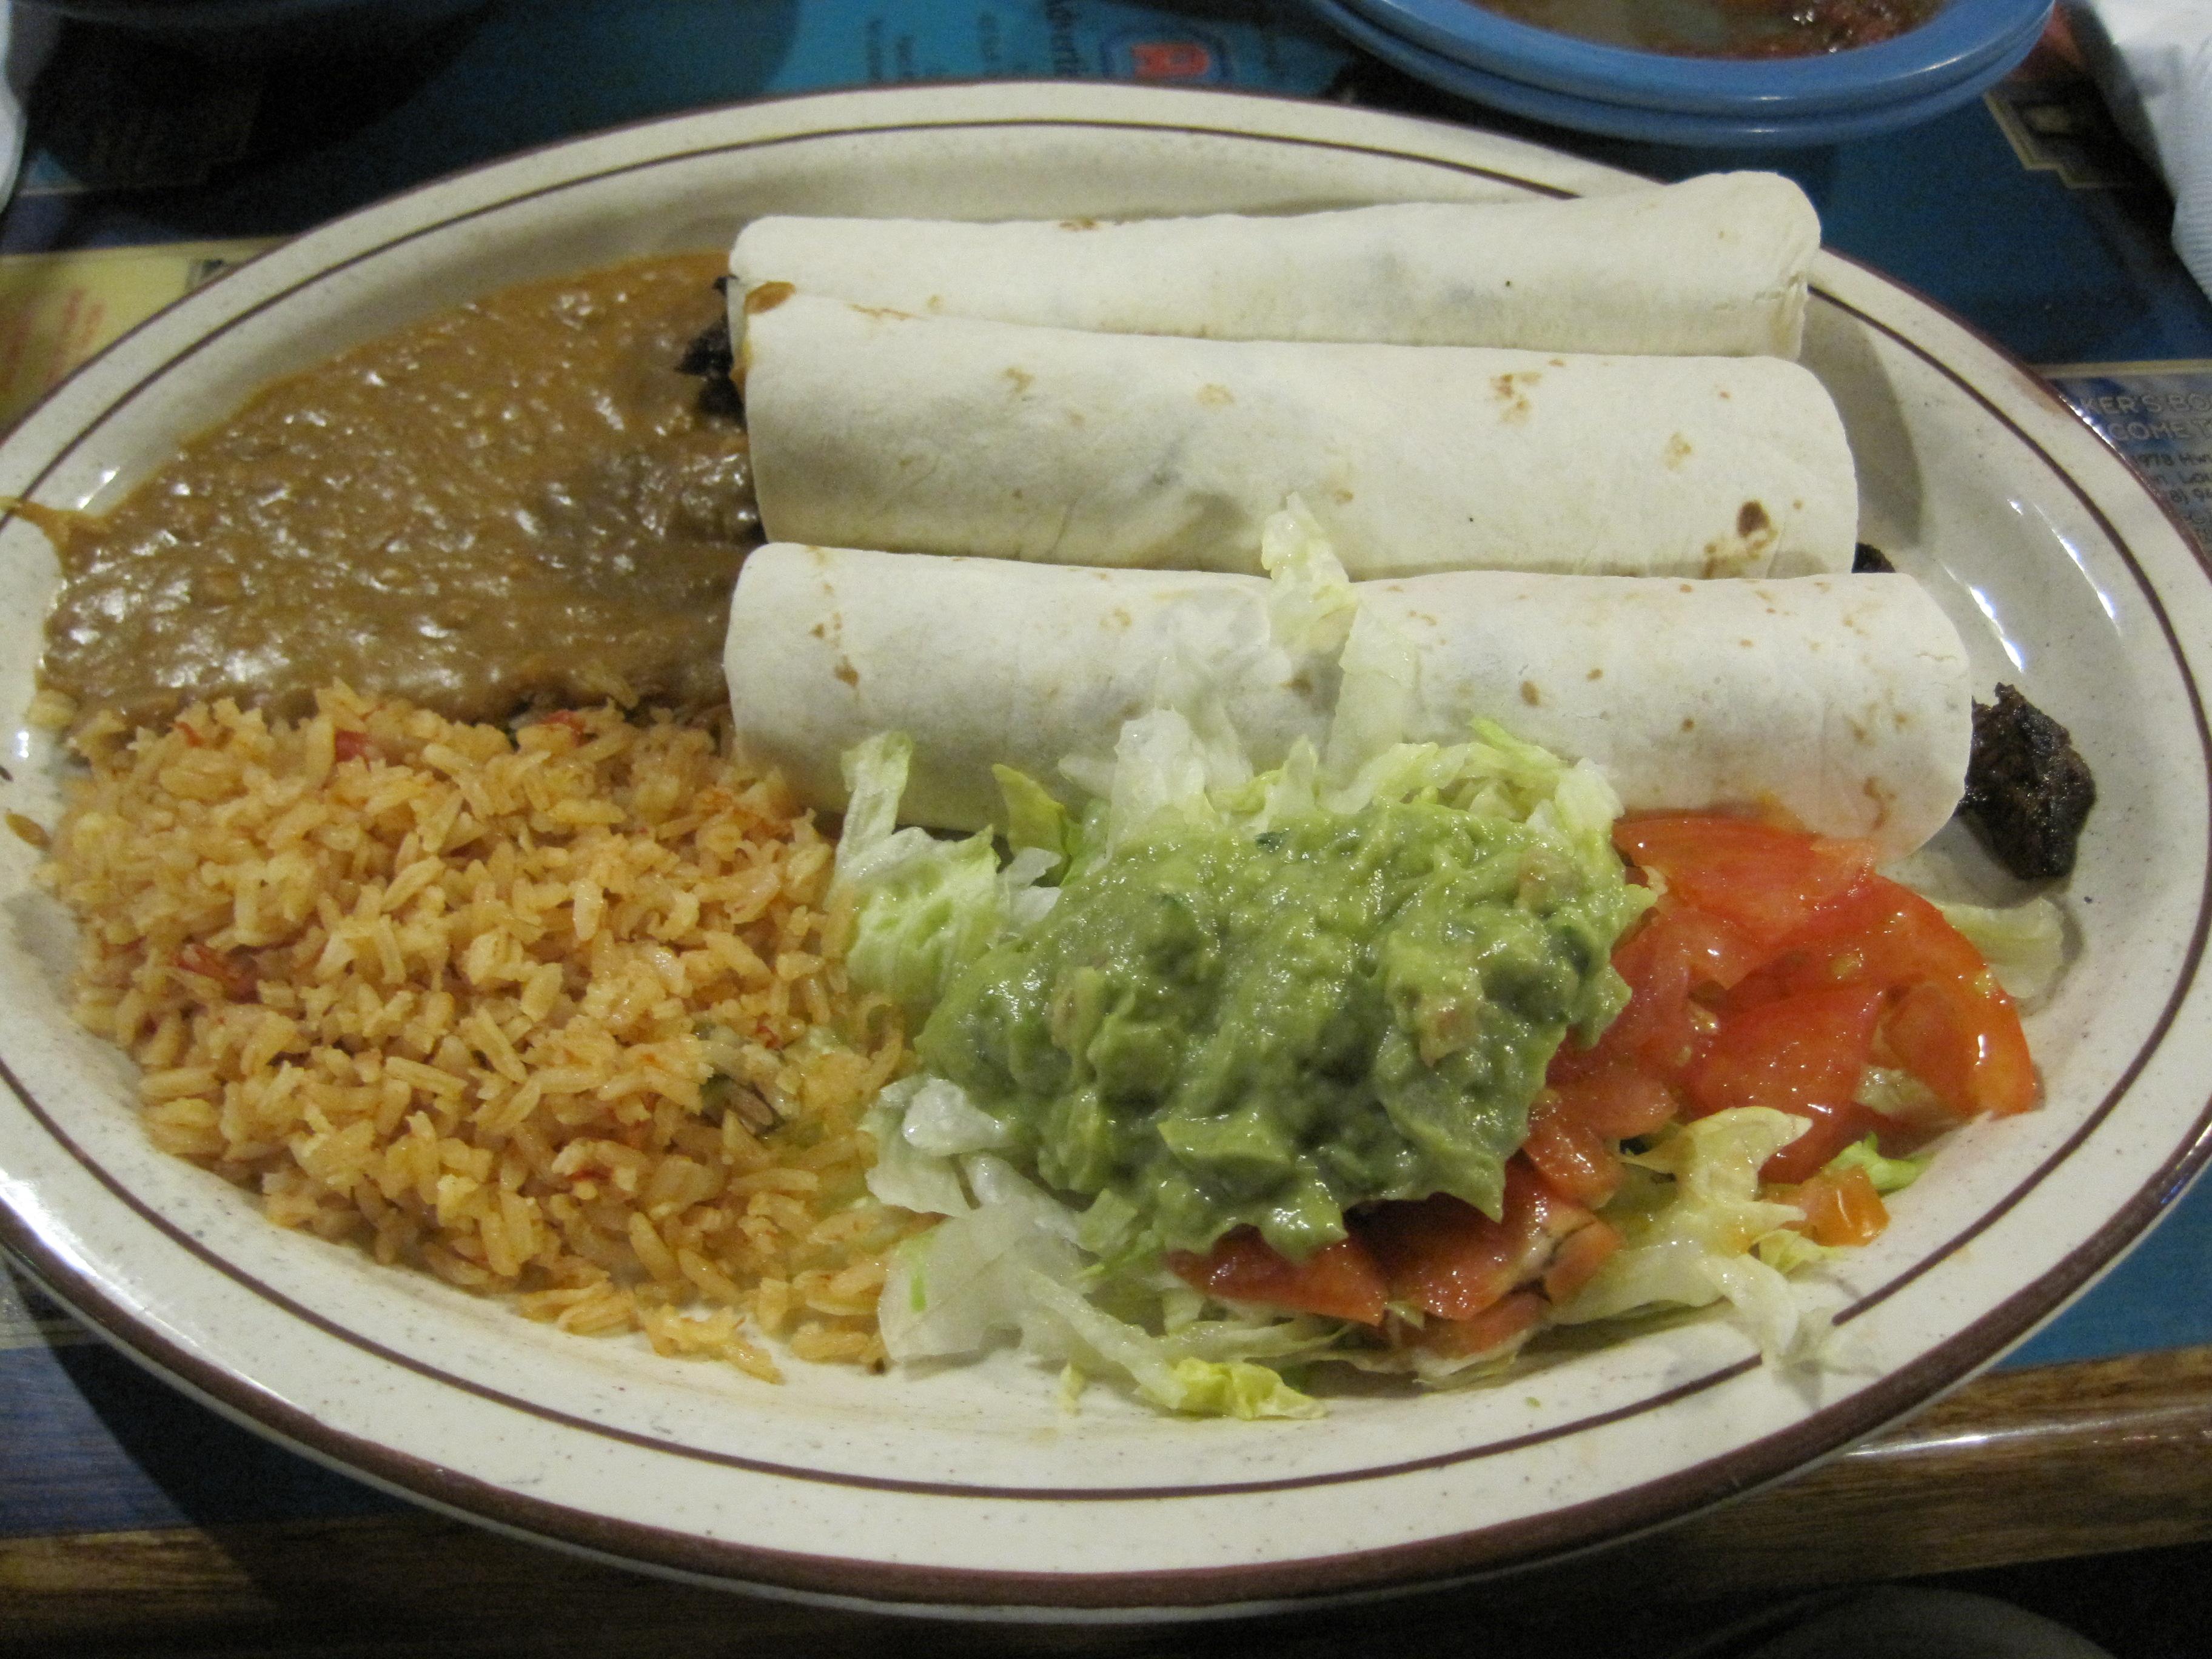 Mexican Food Haughton La